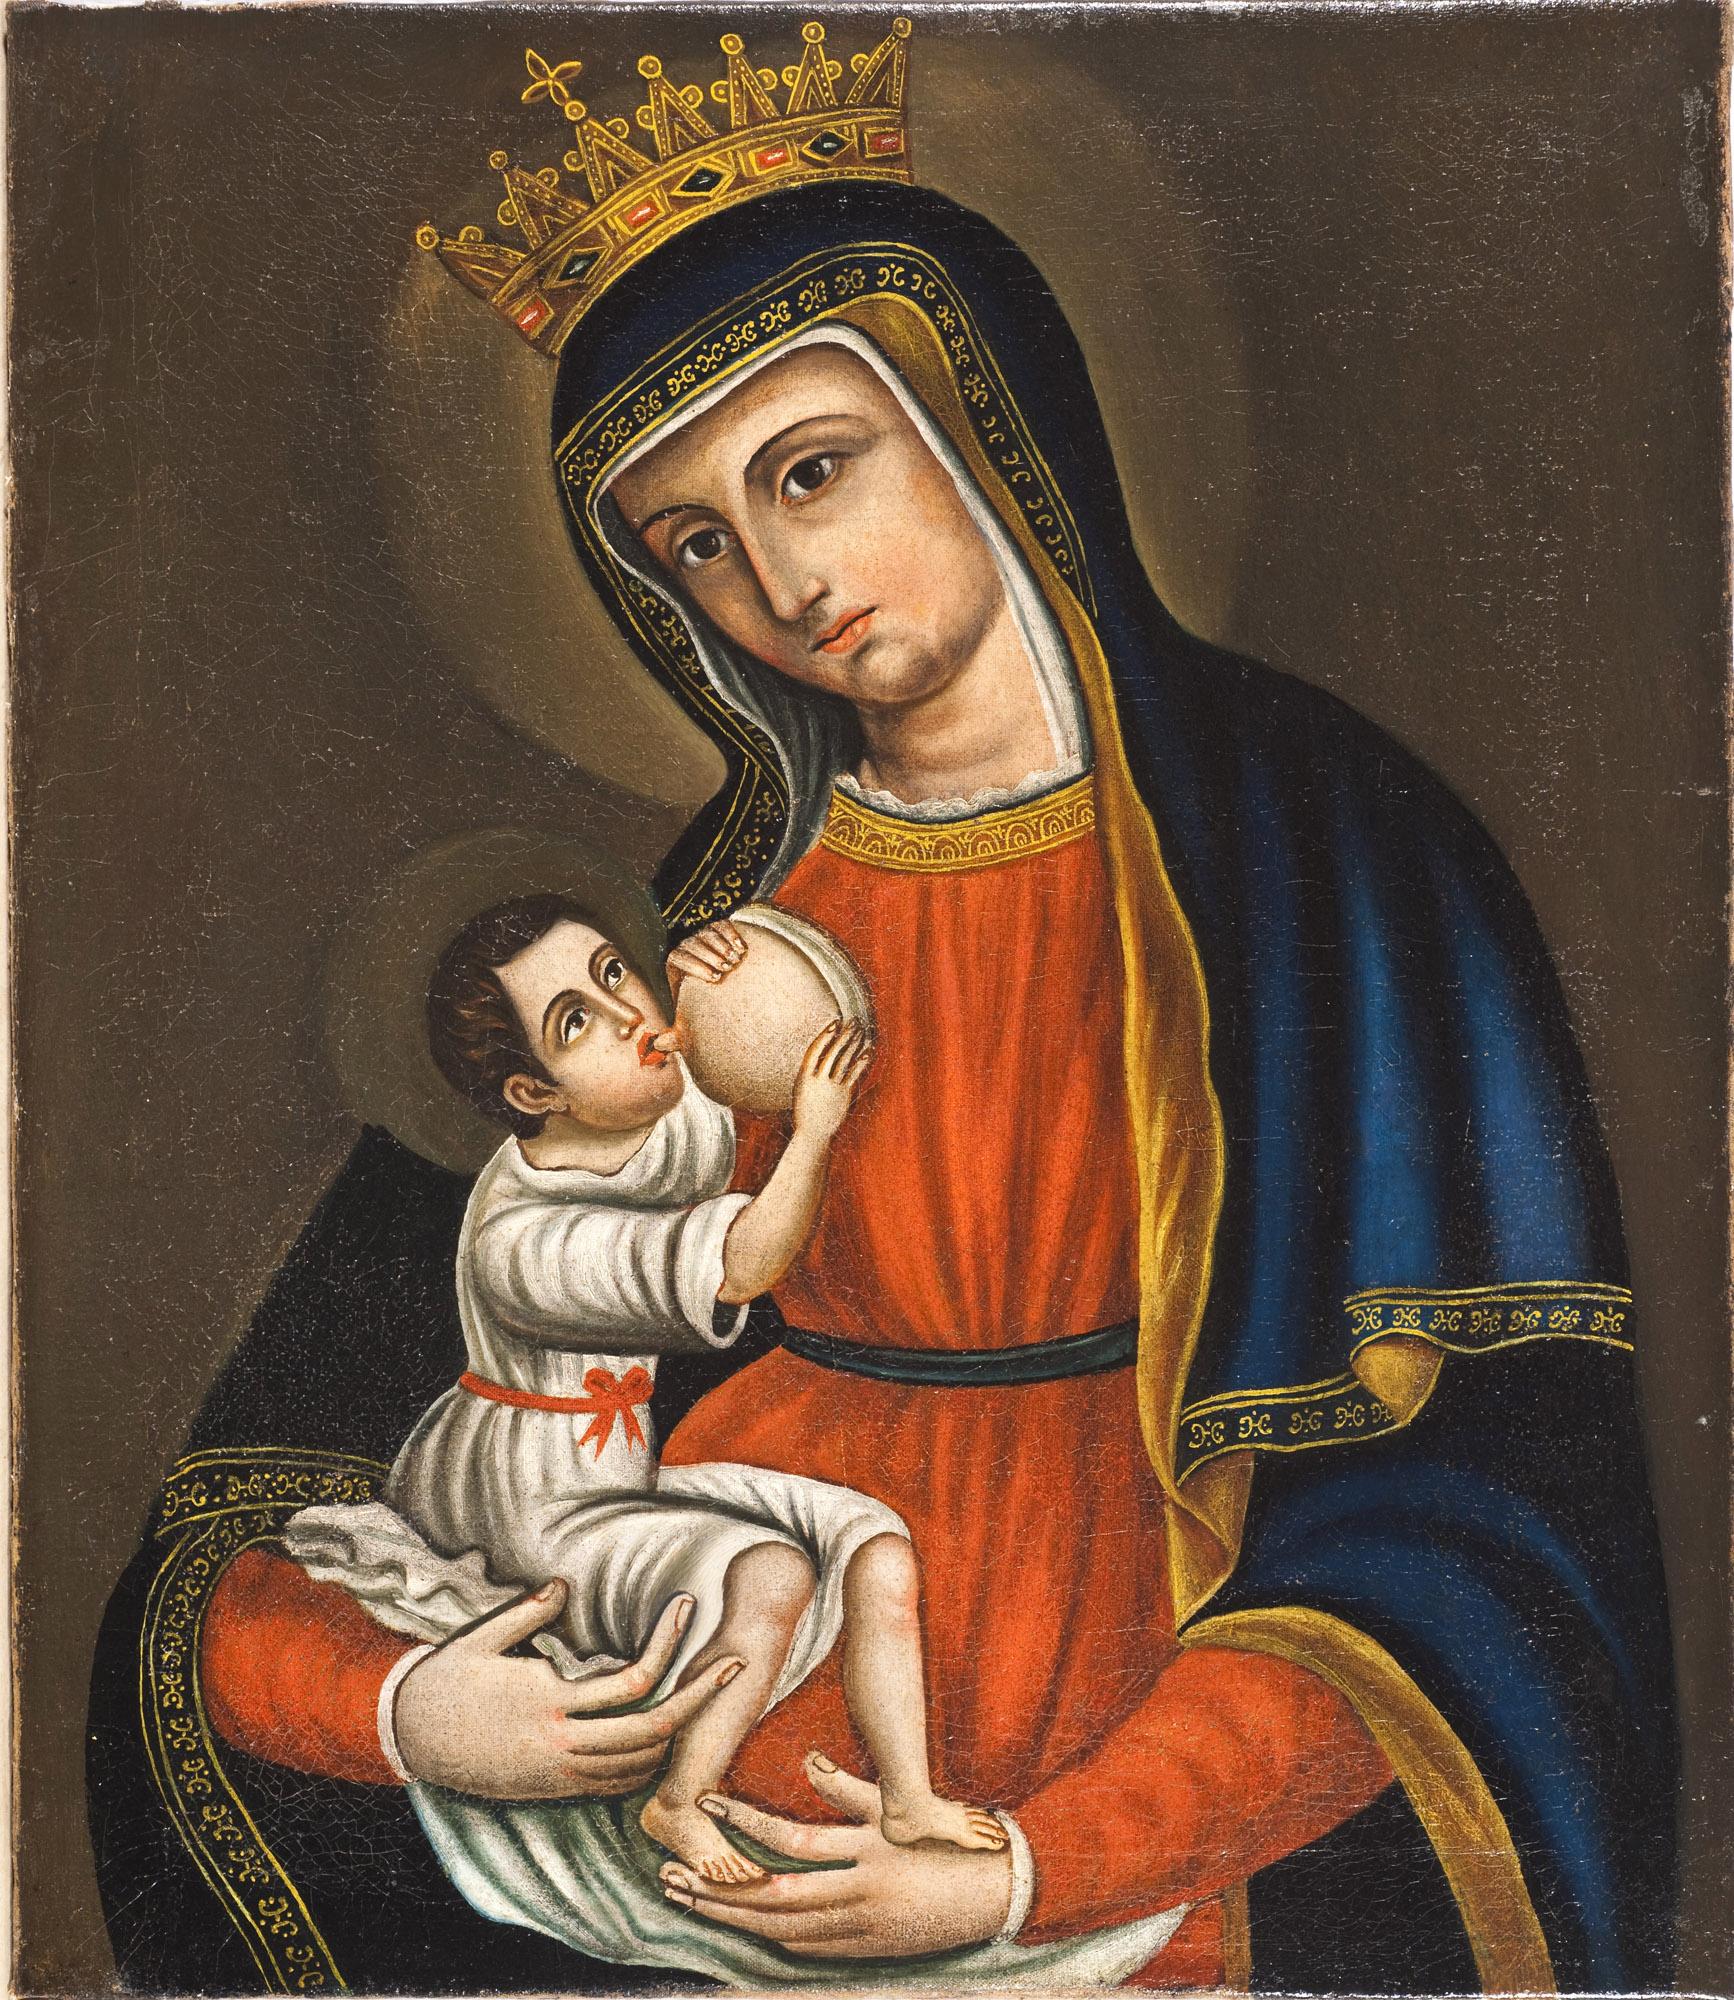 Favoloso Il quadro della Madonna del Pilerio - Museo Diocesano di Cosenza LZ68